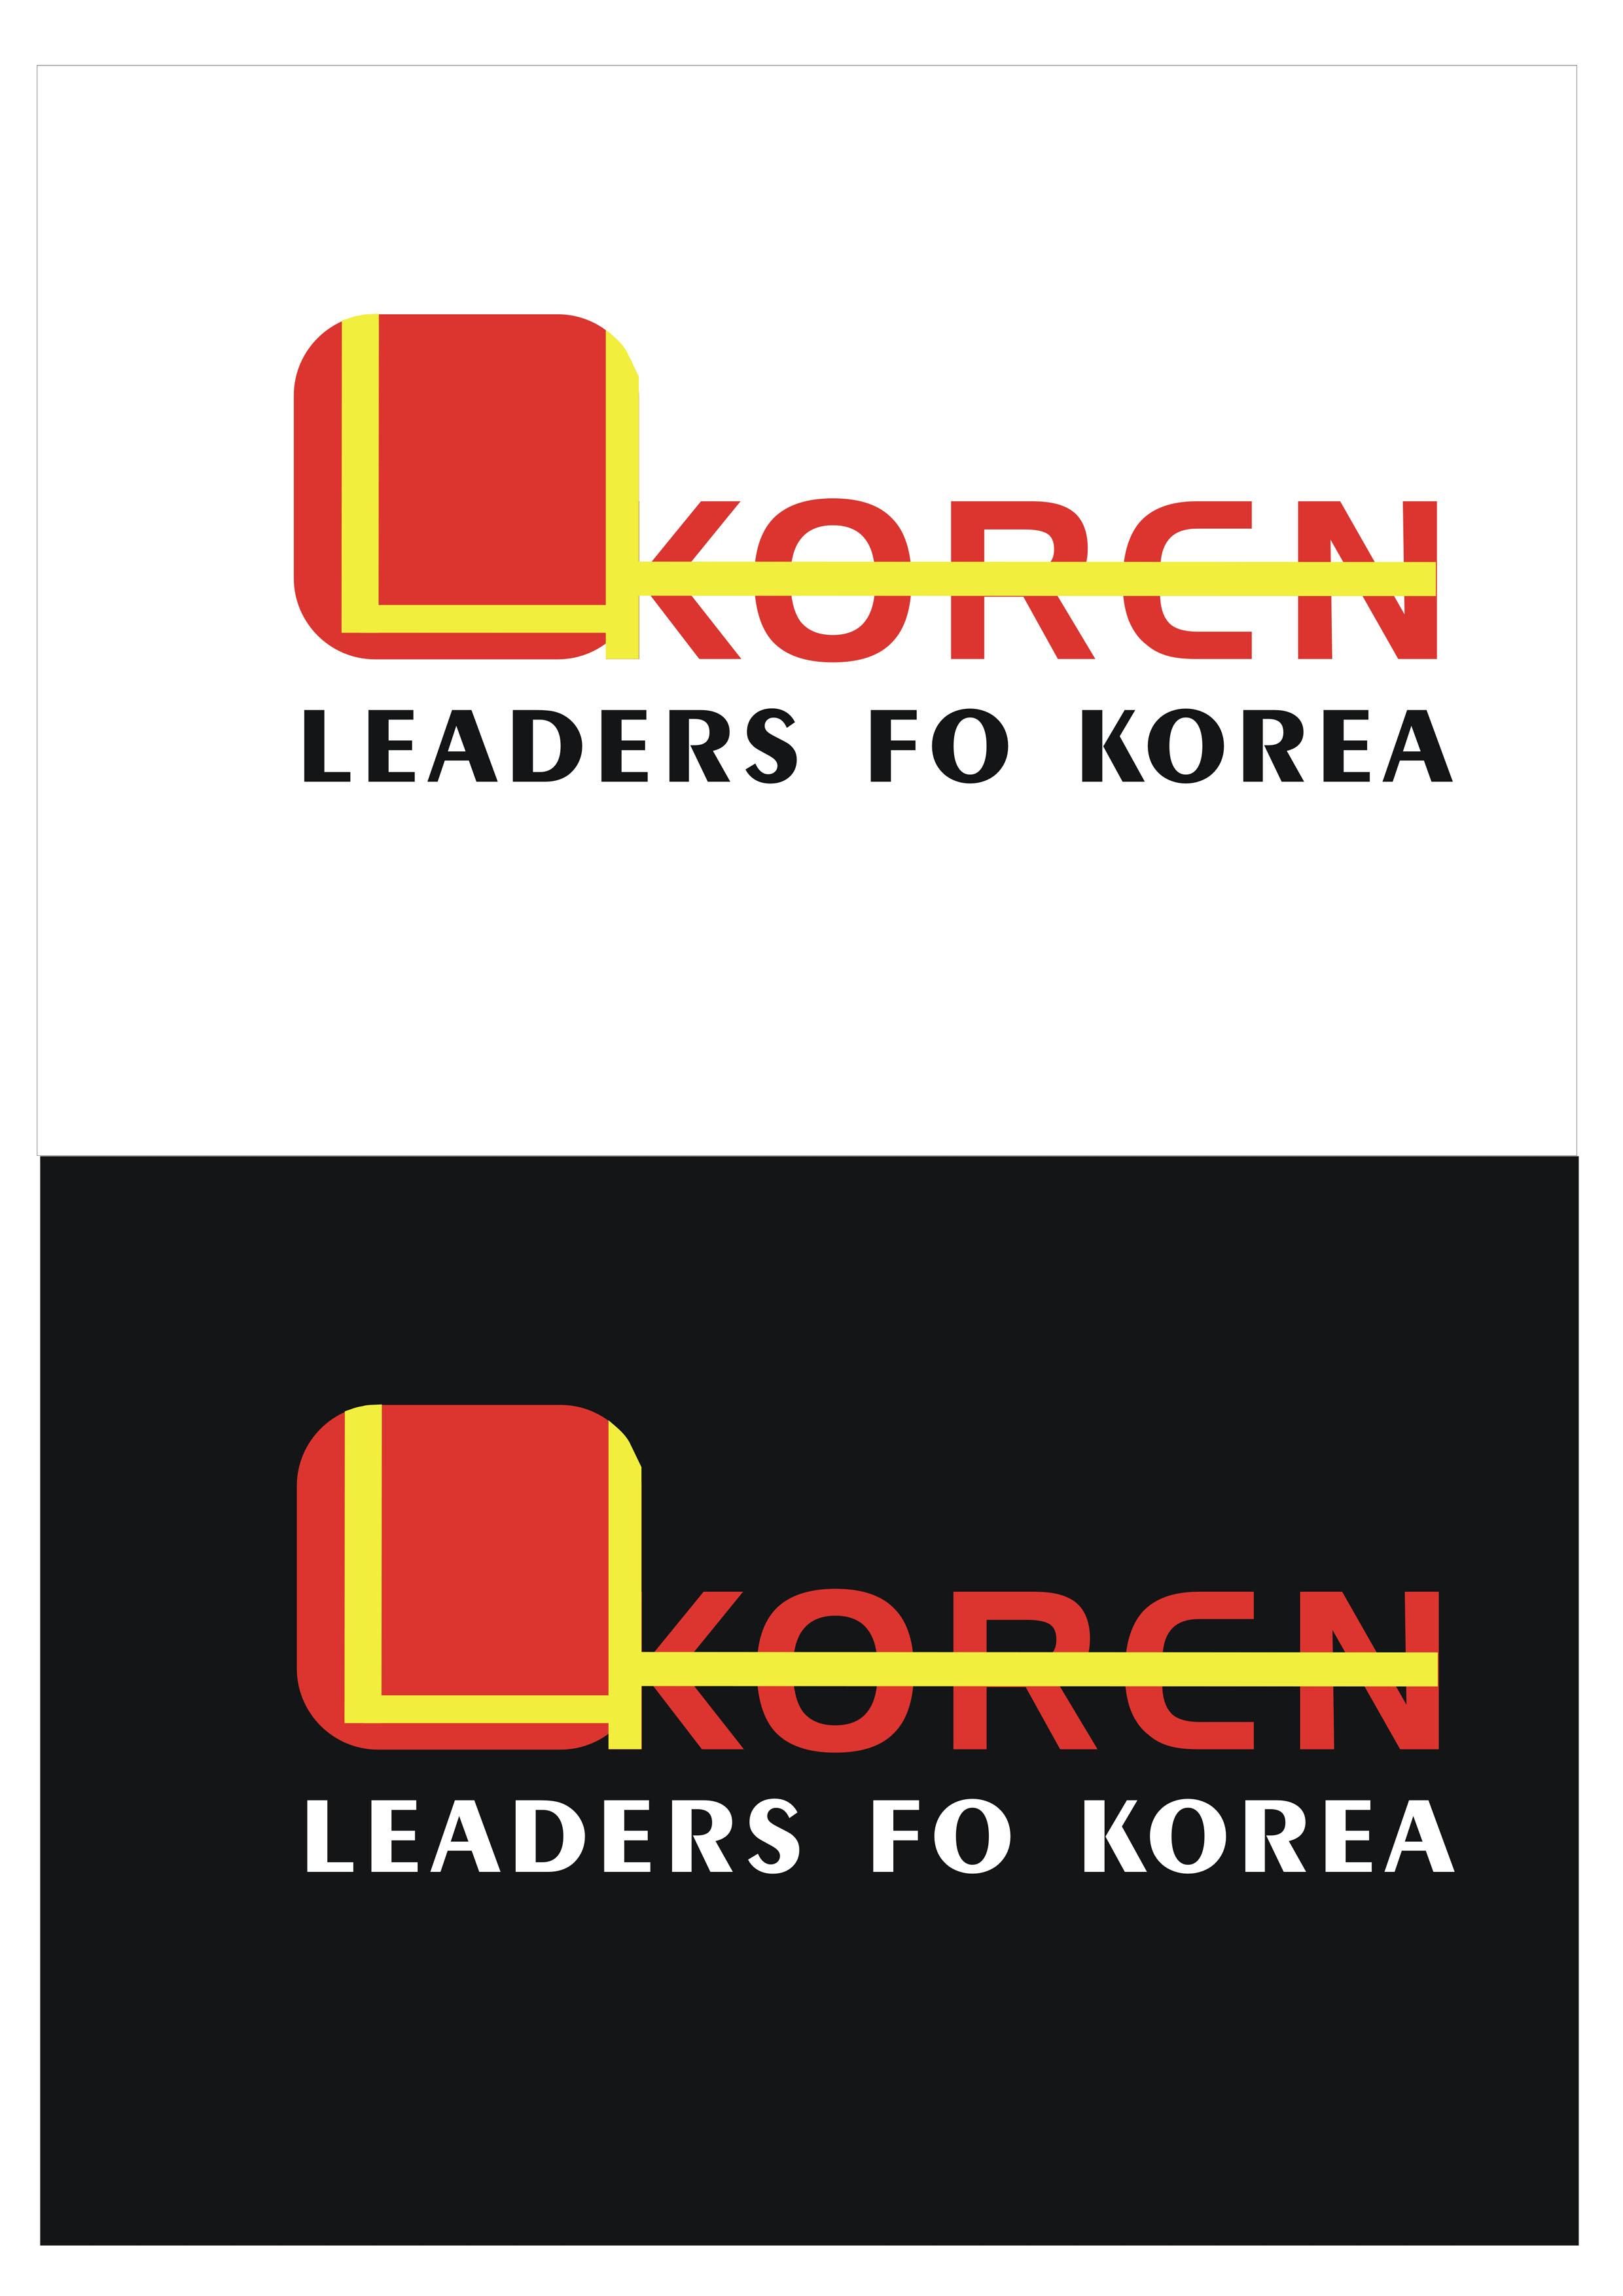 韩国公司名称 logo设计